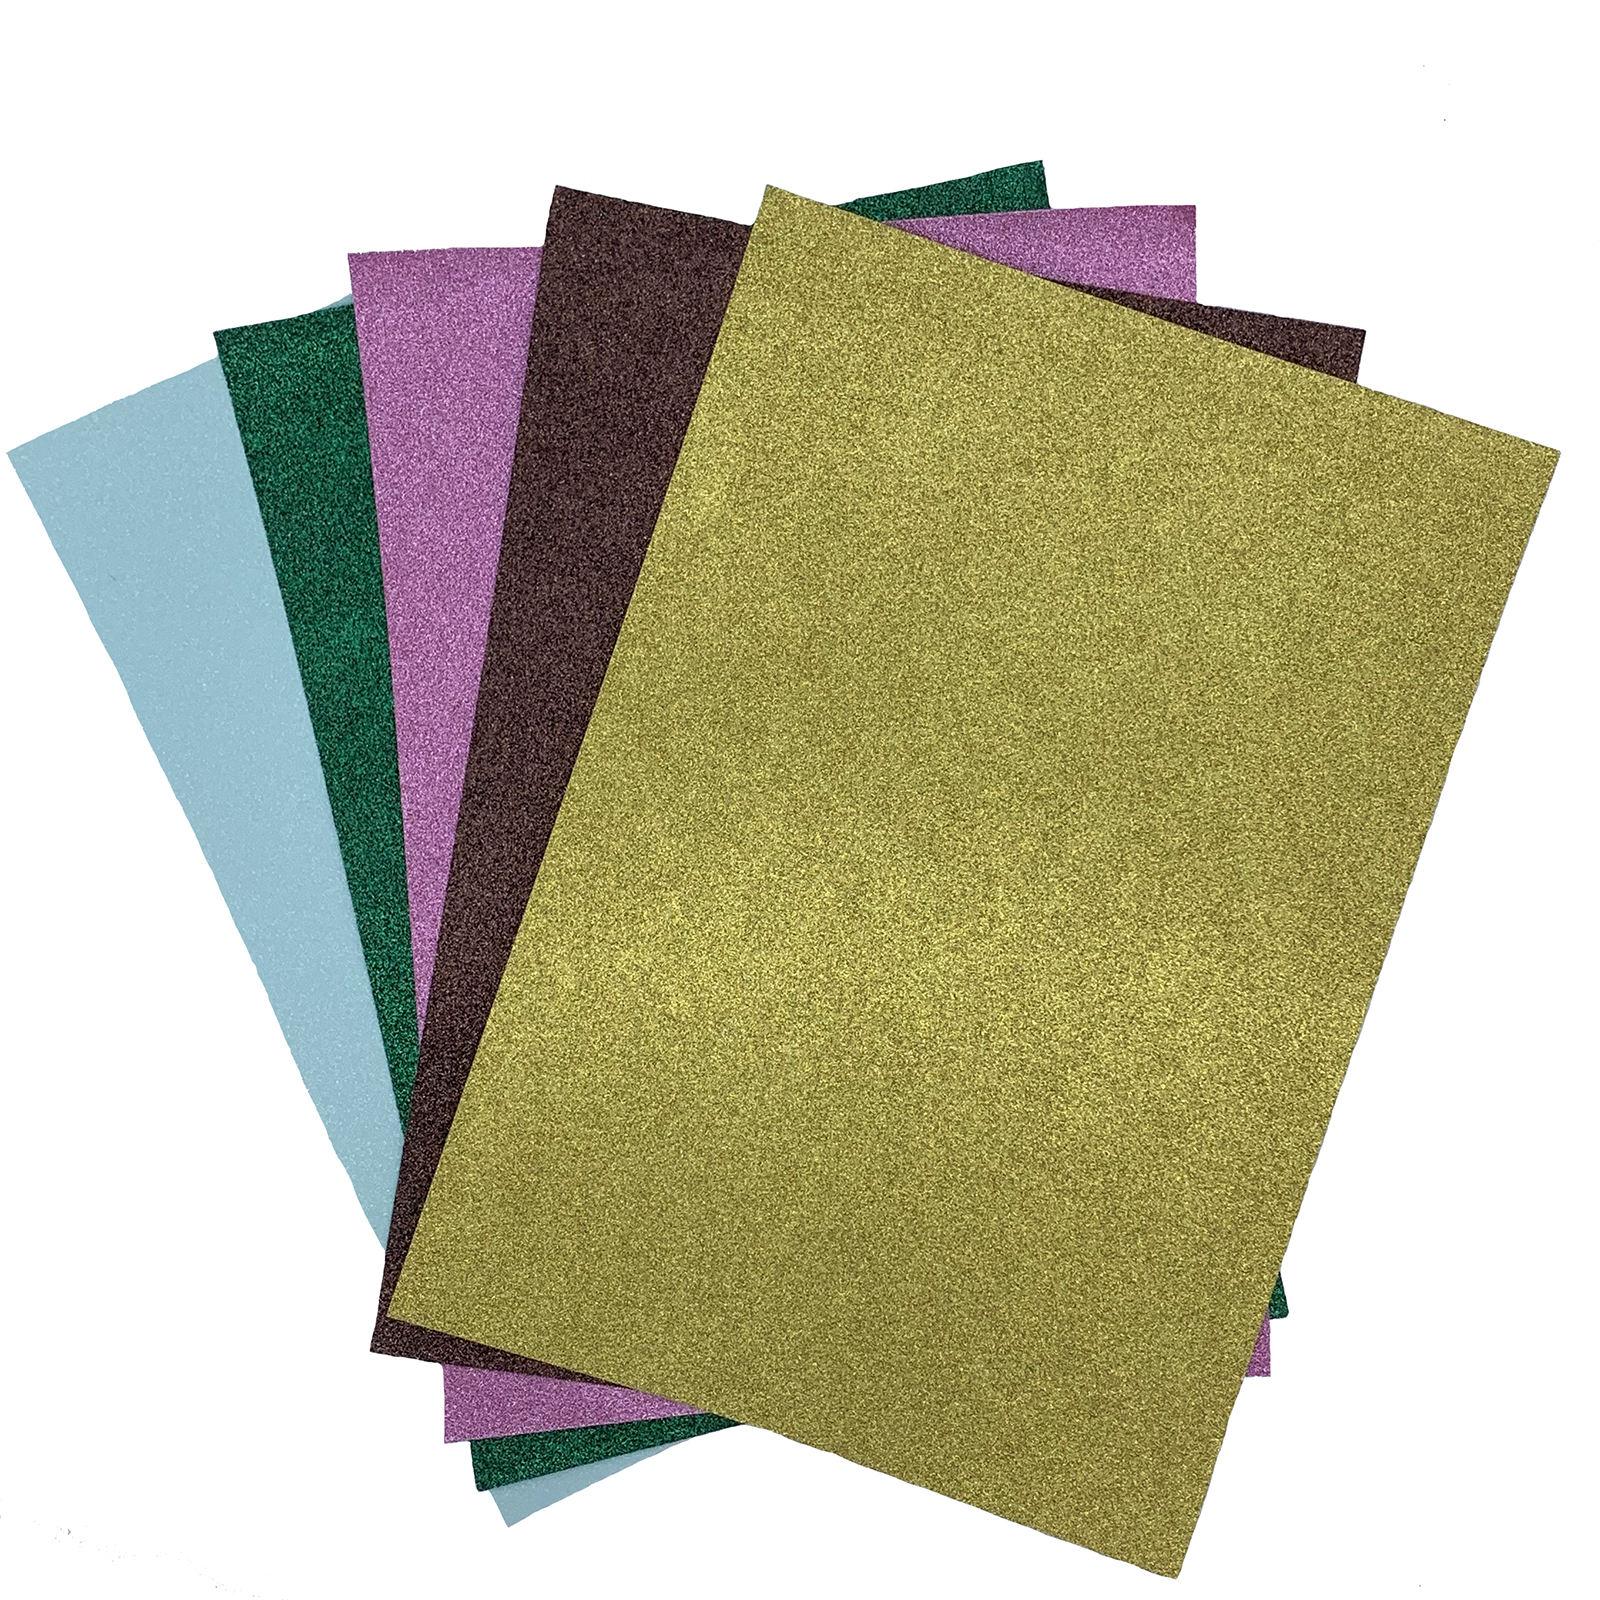 свет бумага картон для изготовления открыток пристройку хотелось приобщить